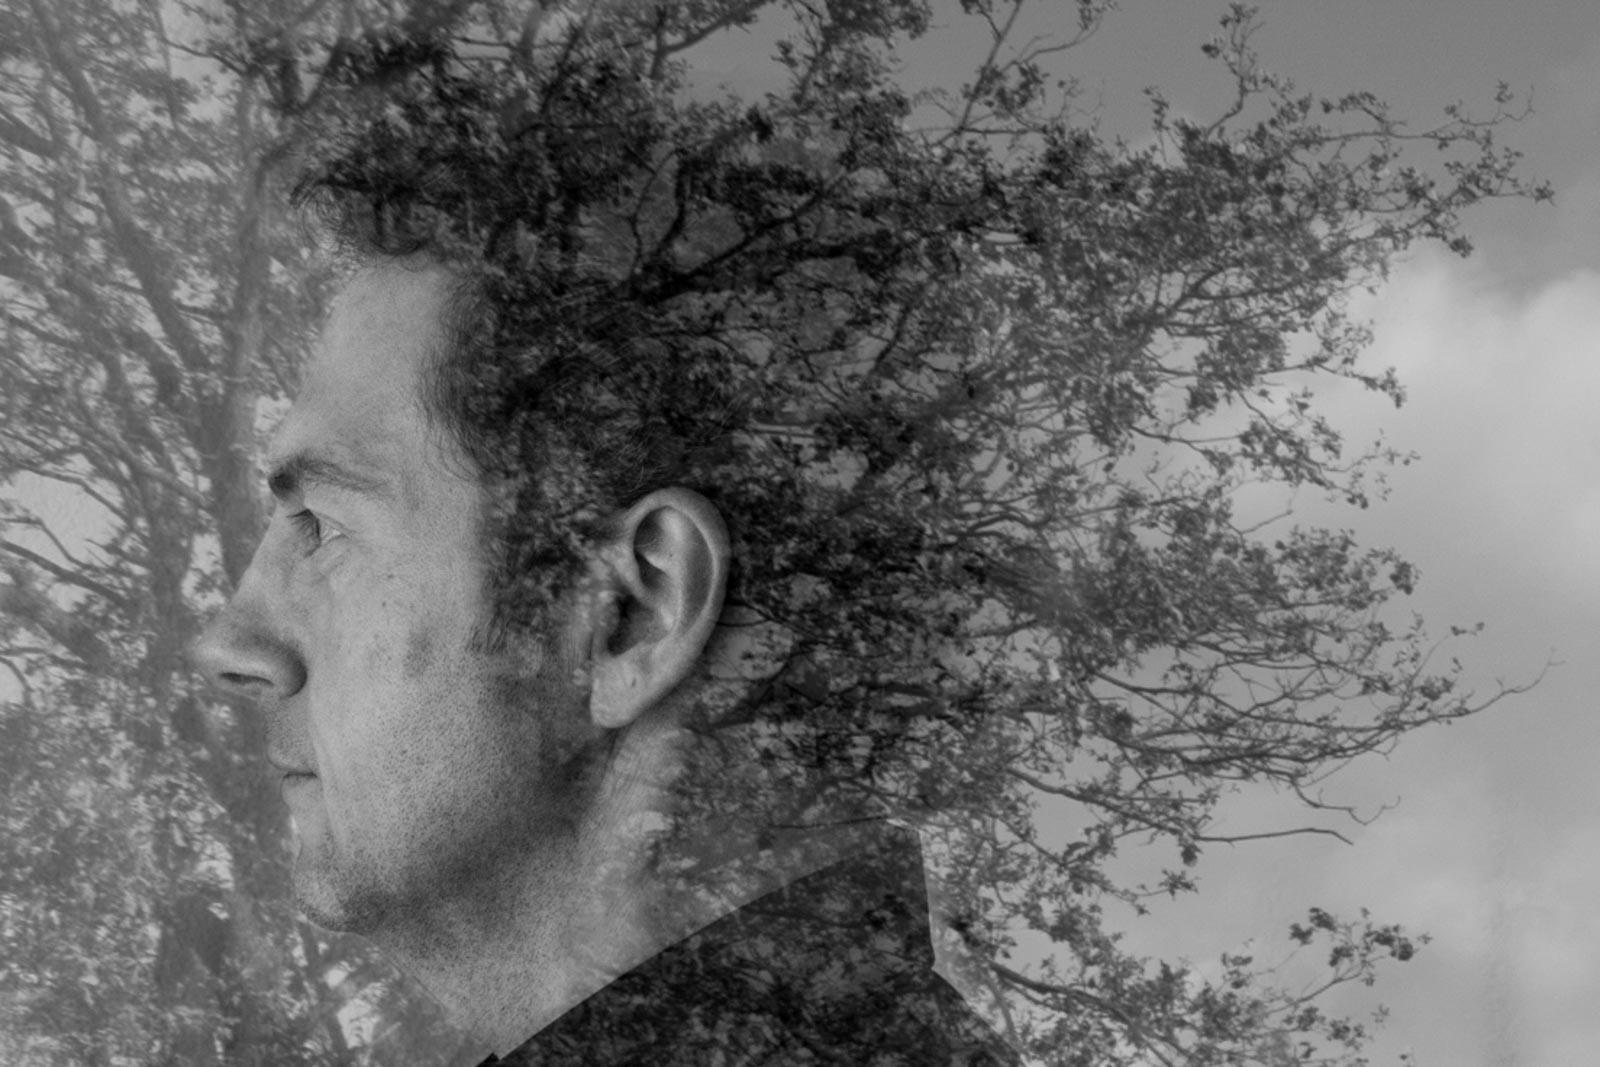 Dubbelportret van man met een boom als haar. Foto: Renée Hellendoorn.